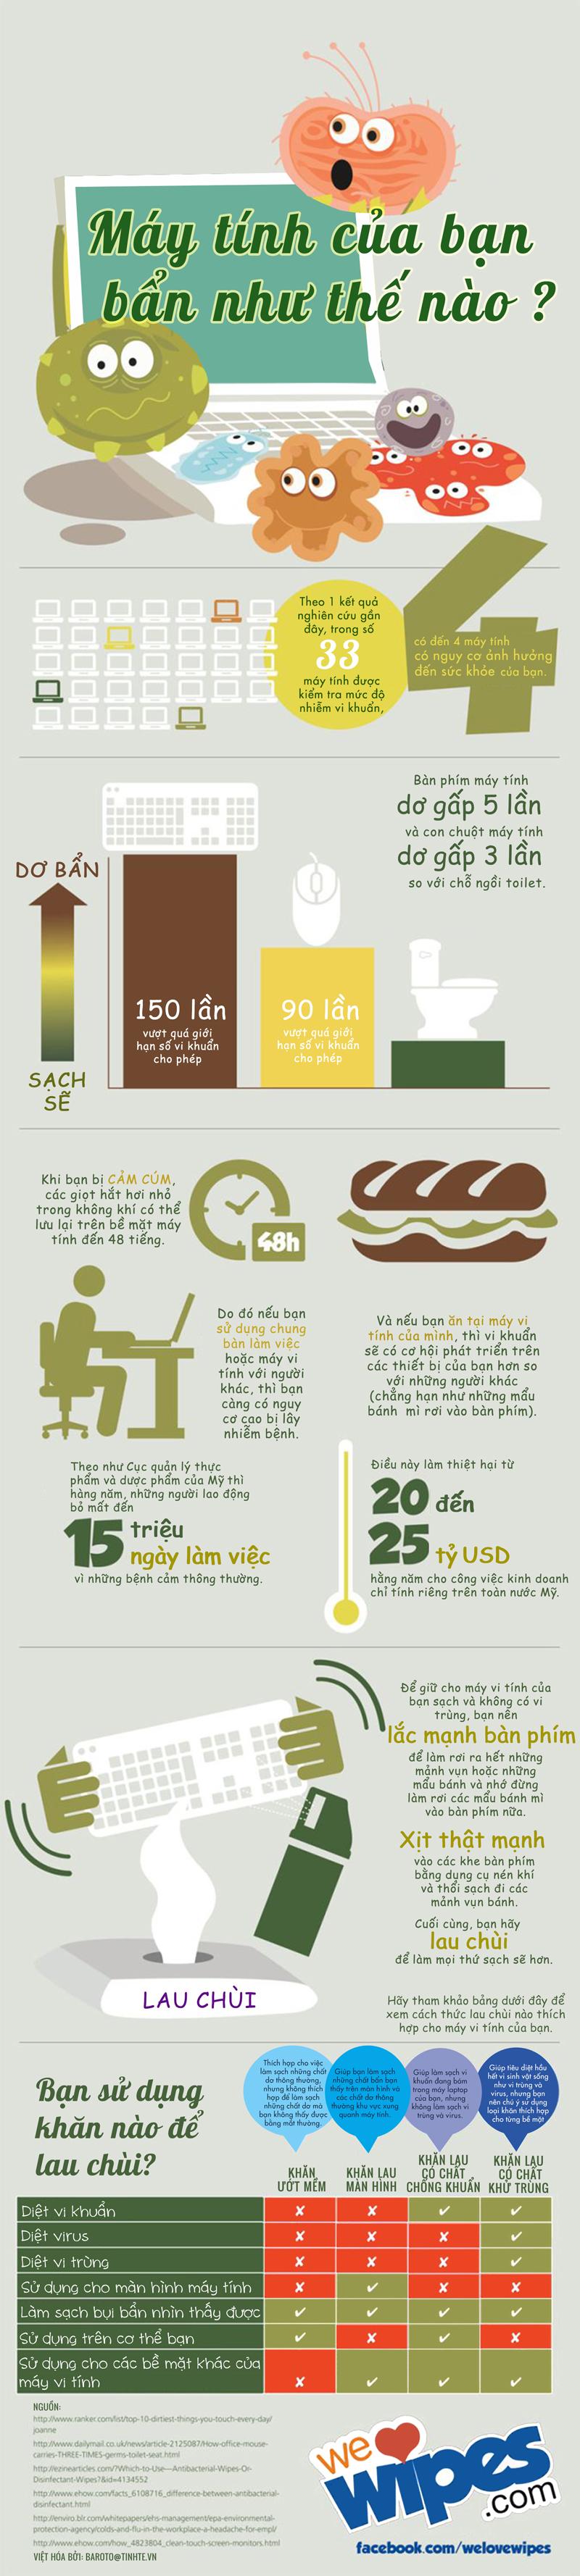 Infographic - Máy Tính Bạn Có Bẩn Không